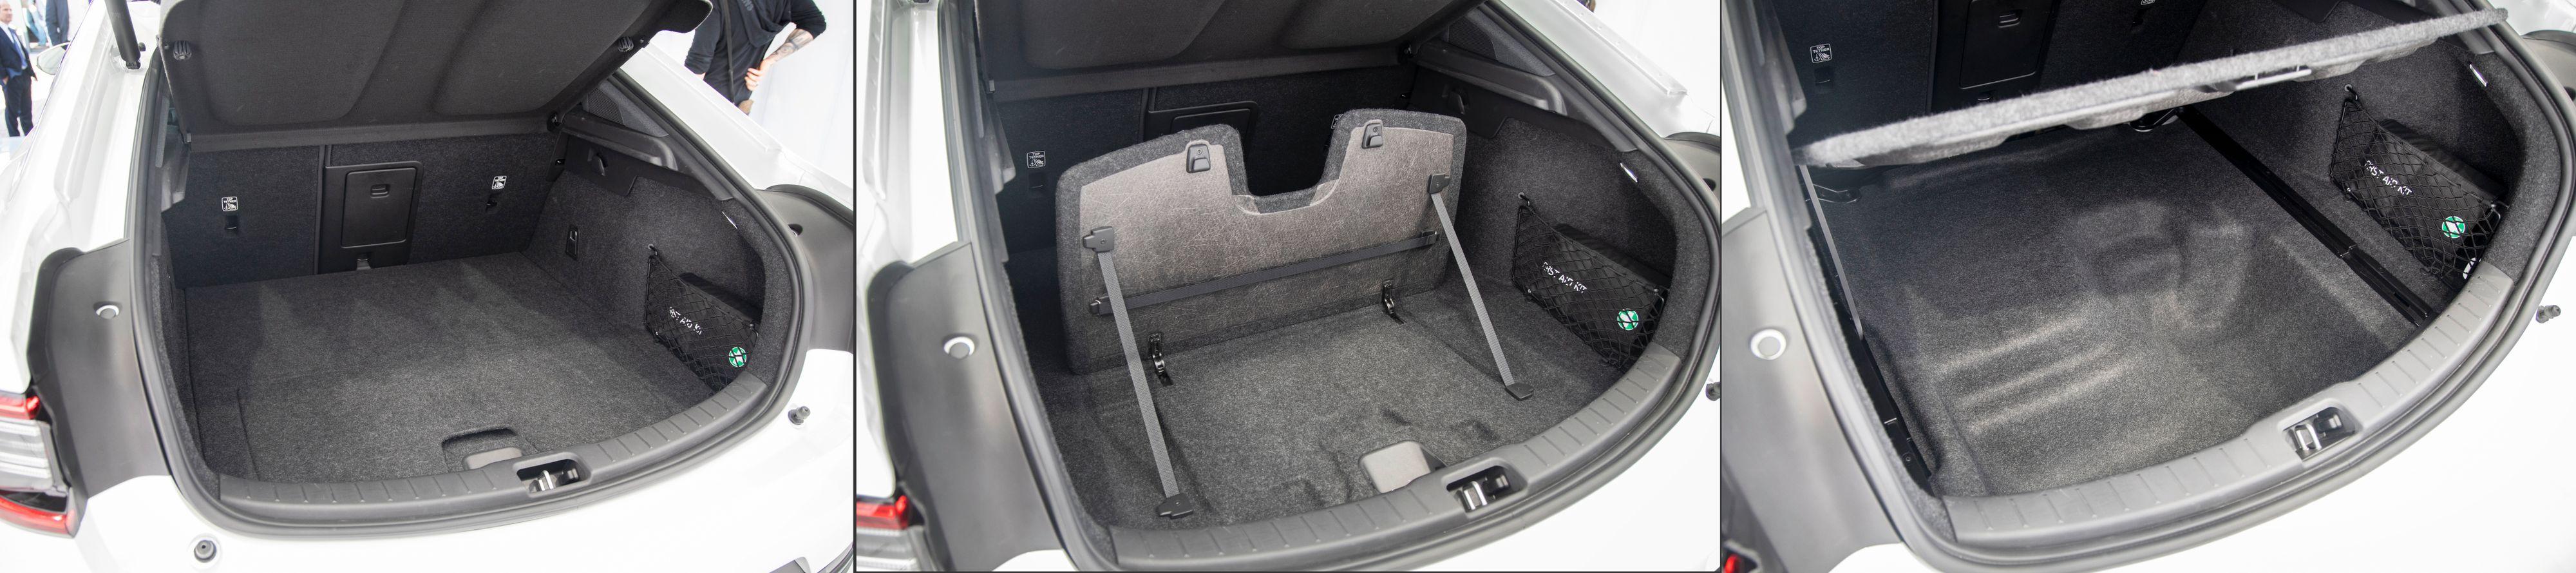 Bagasjerommet rommer 404 liter, og kan deles i to med en flapp i midten. Under finnes også et litt irregulært rom, og i tillegg er det en liten «frunk» foran på 34 liter.